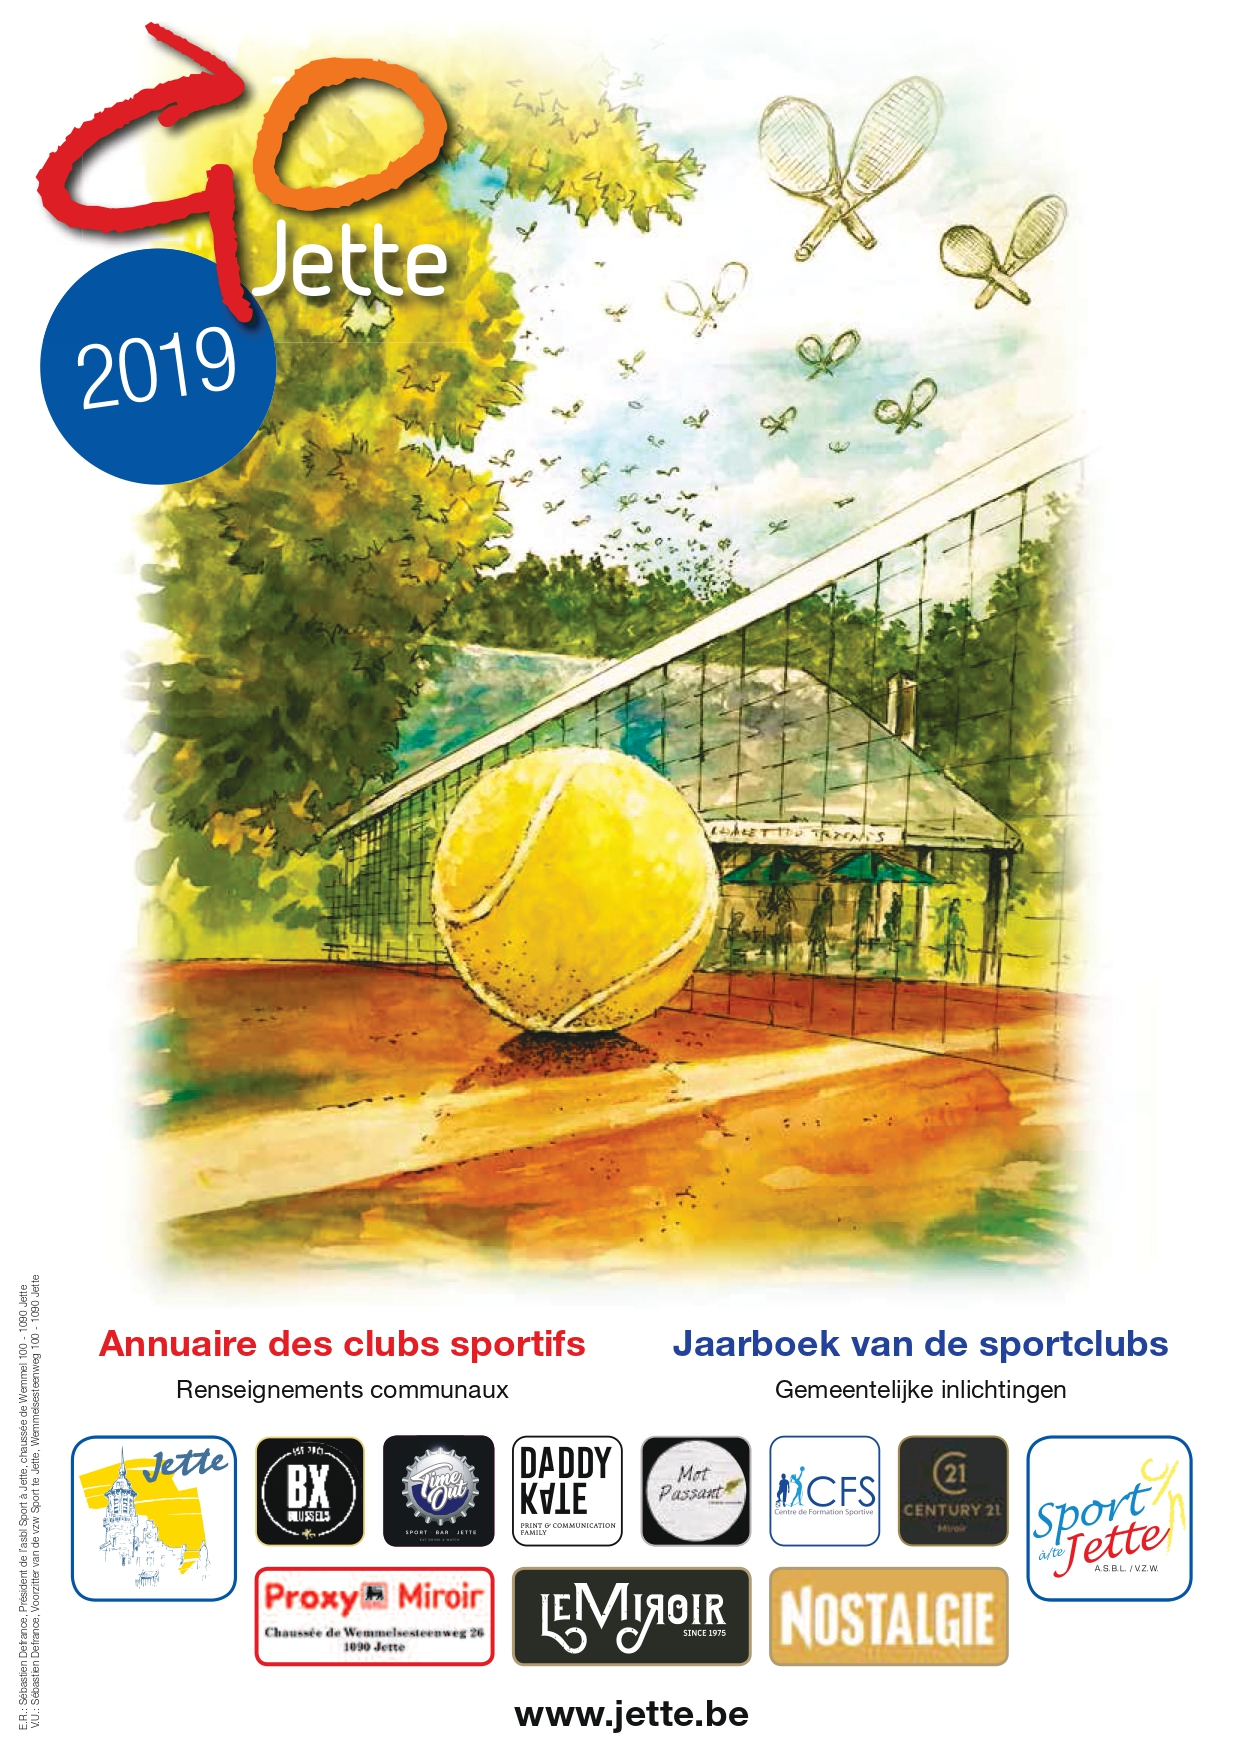 Go Jette 2019